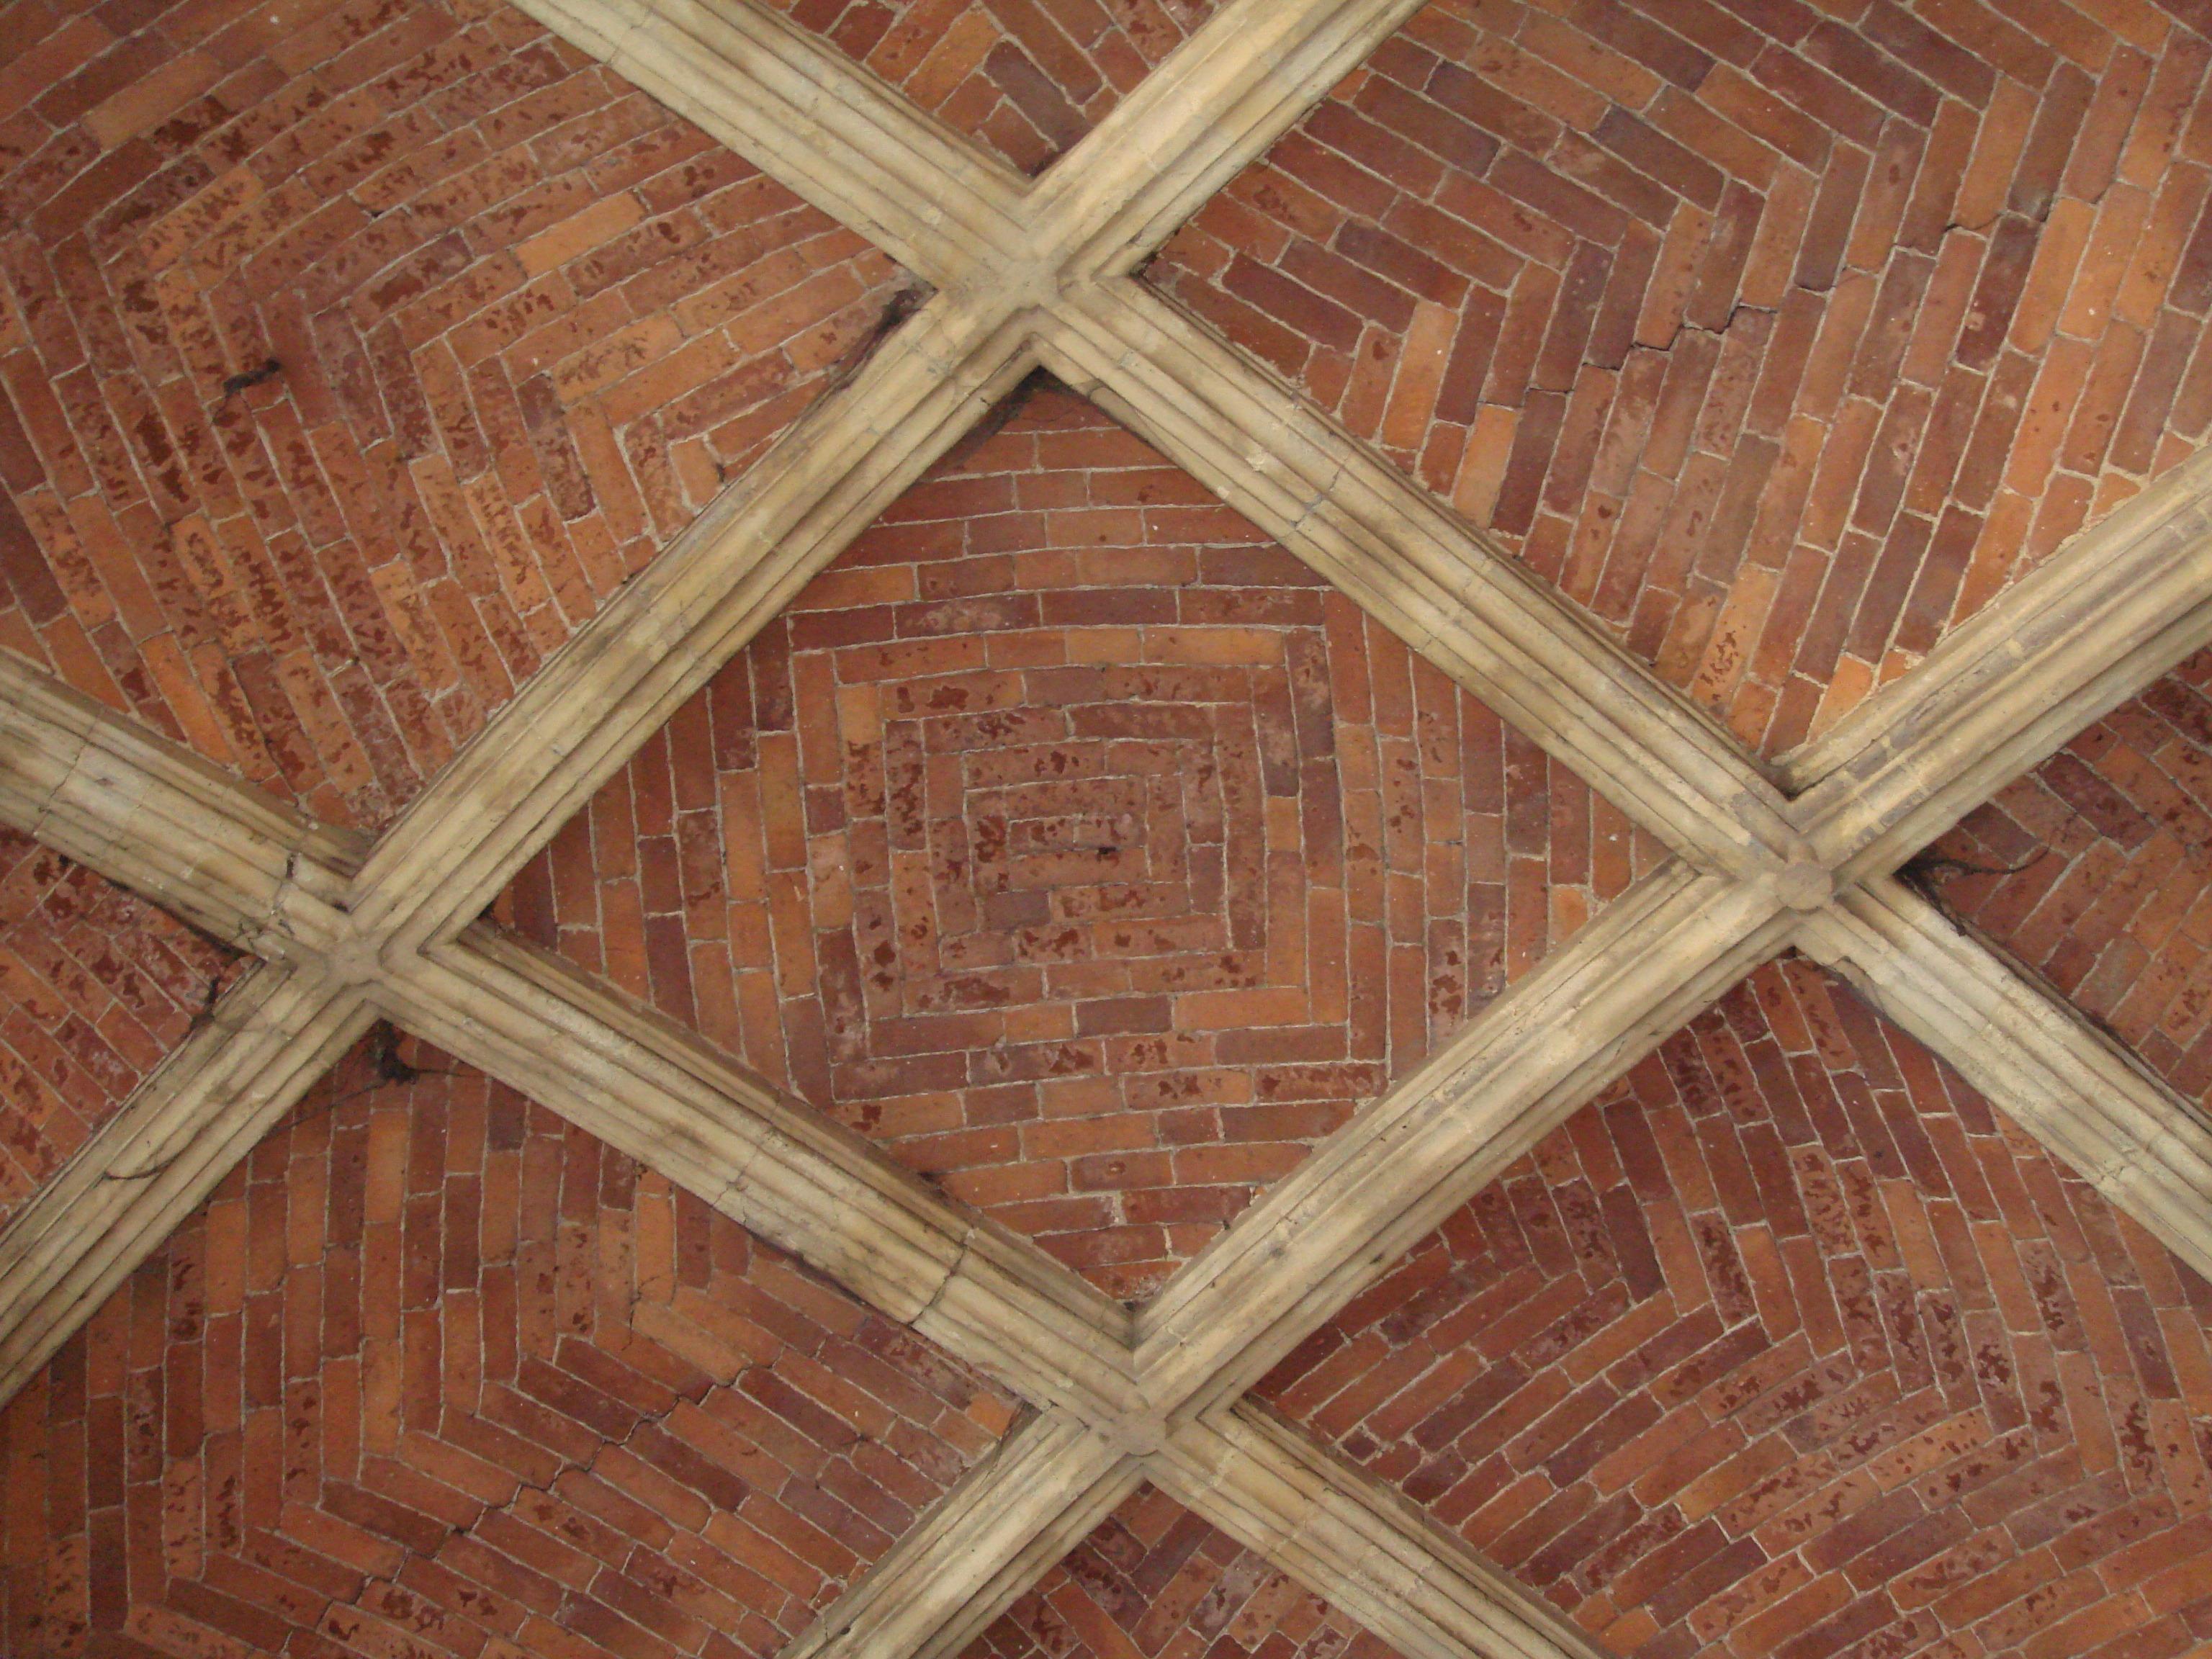 무료 이미지 : 건축물, 무늬, 타일, 벽돌, 벨기에, 디자인, 건물 ...